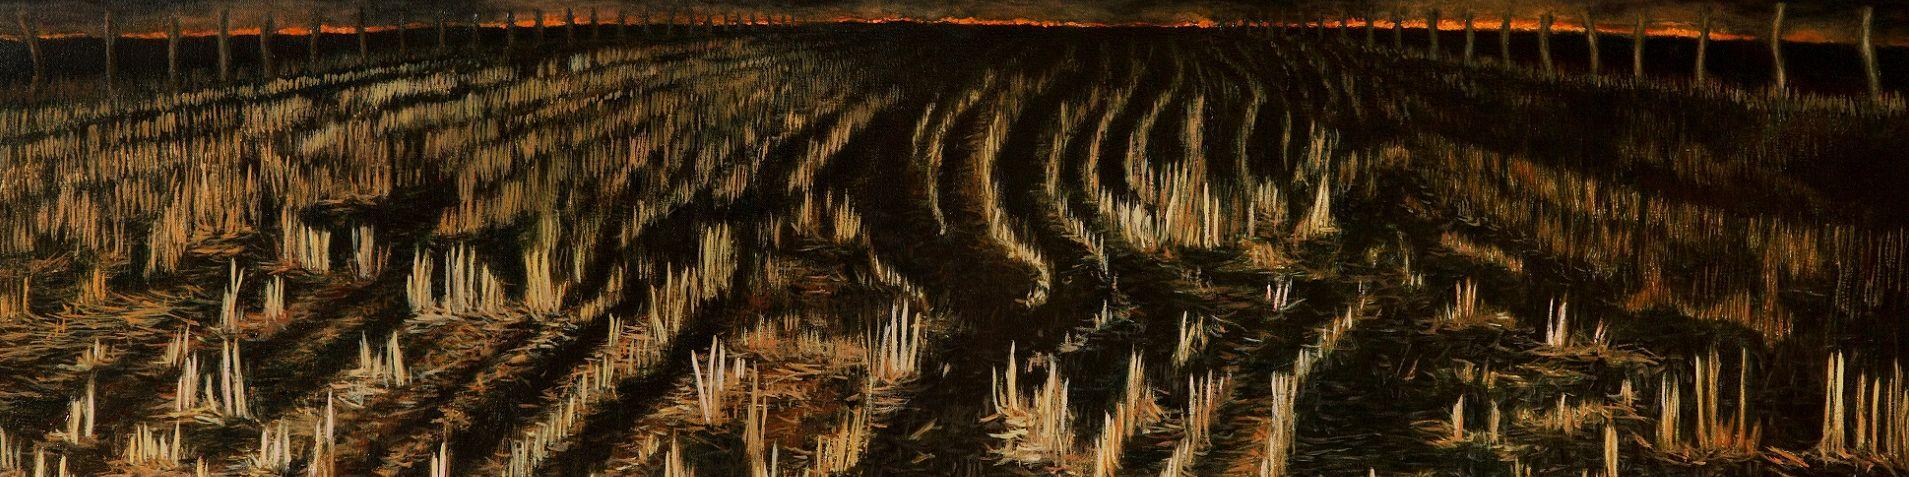 (2013) Night Trails oil on canvas 40x115cm_sm crop